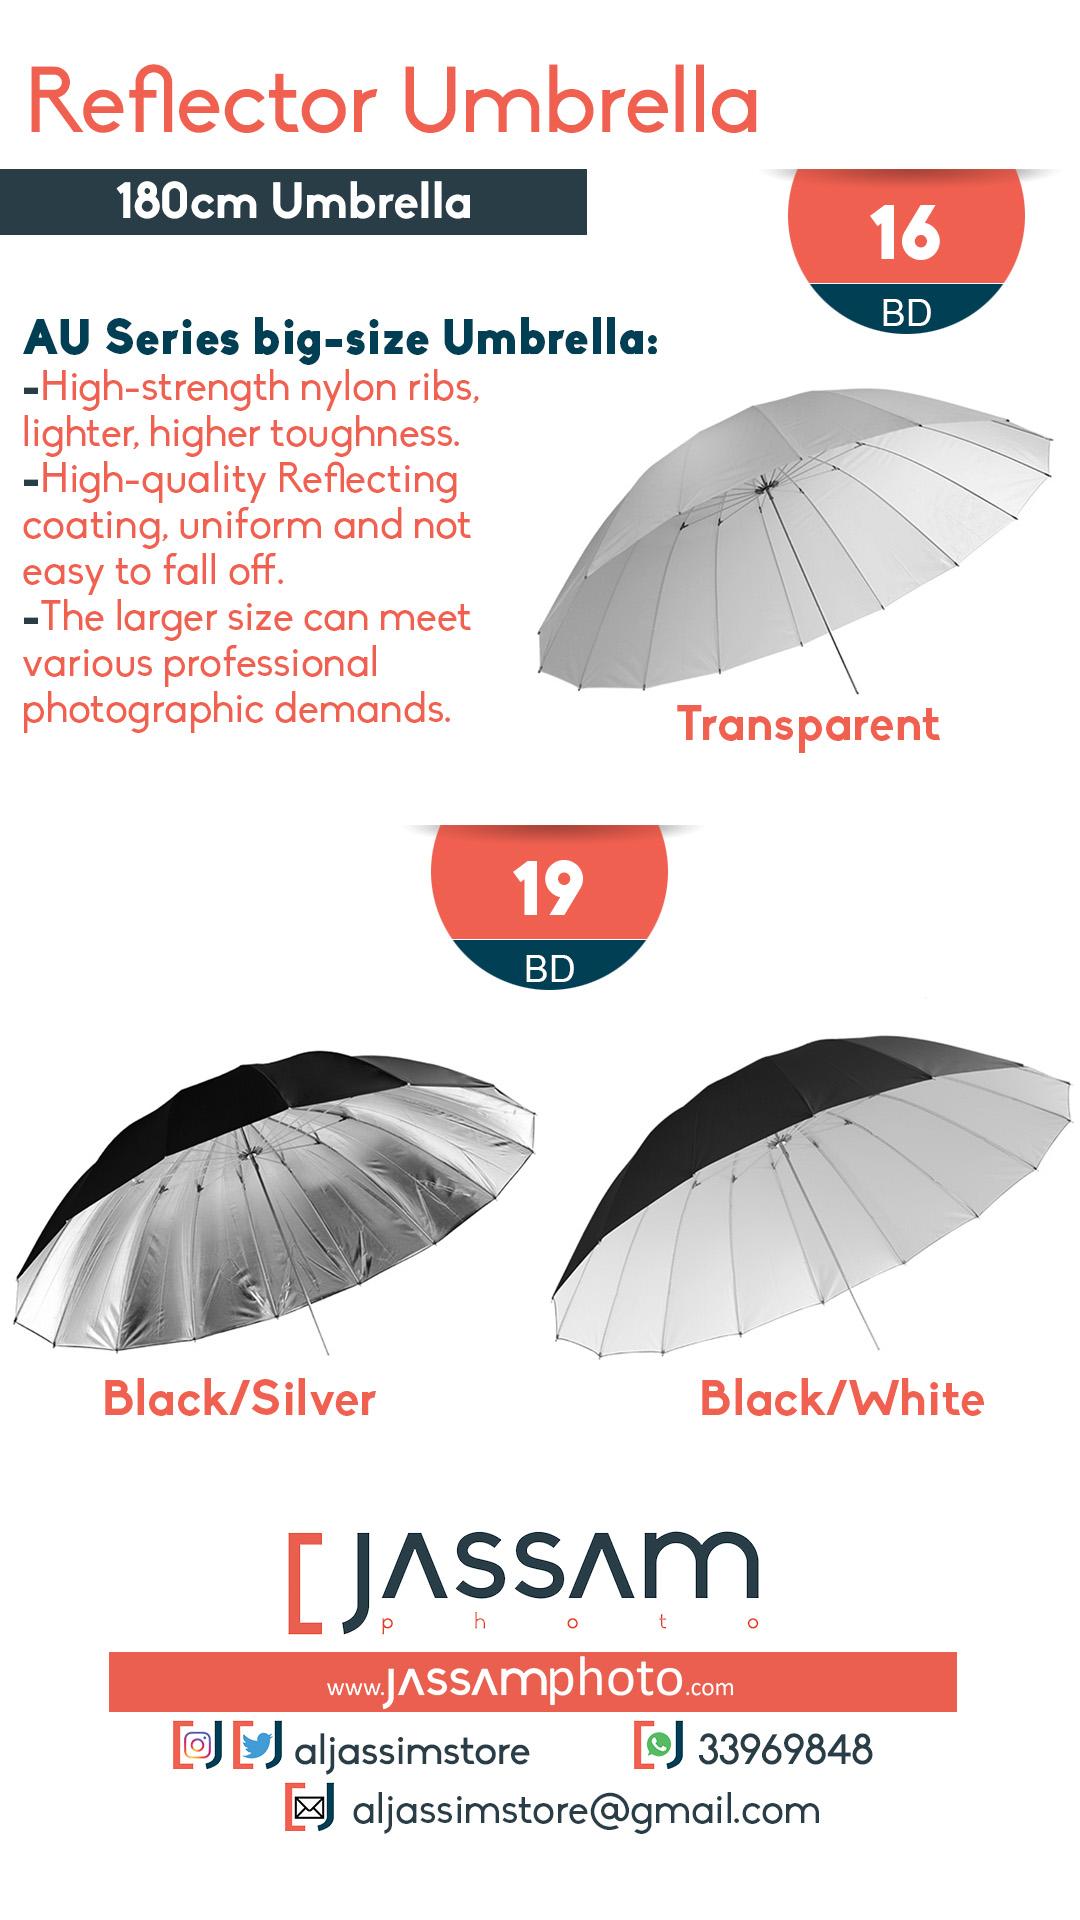 180cm Umbrella